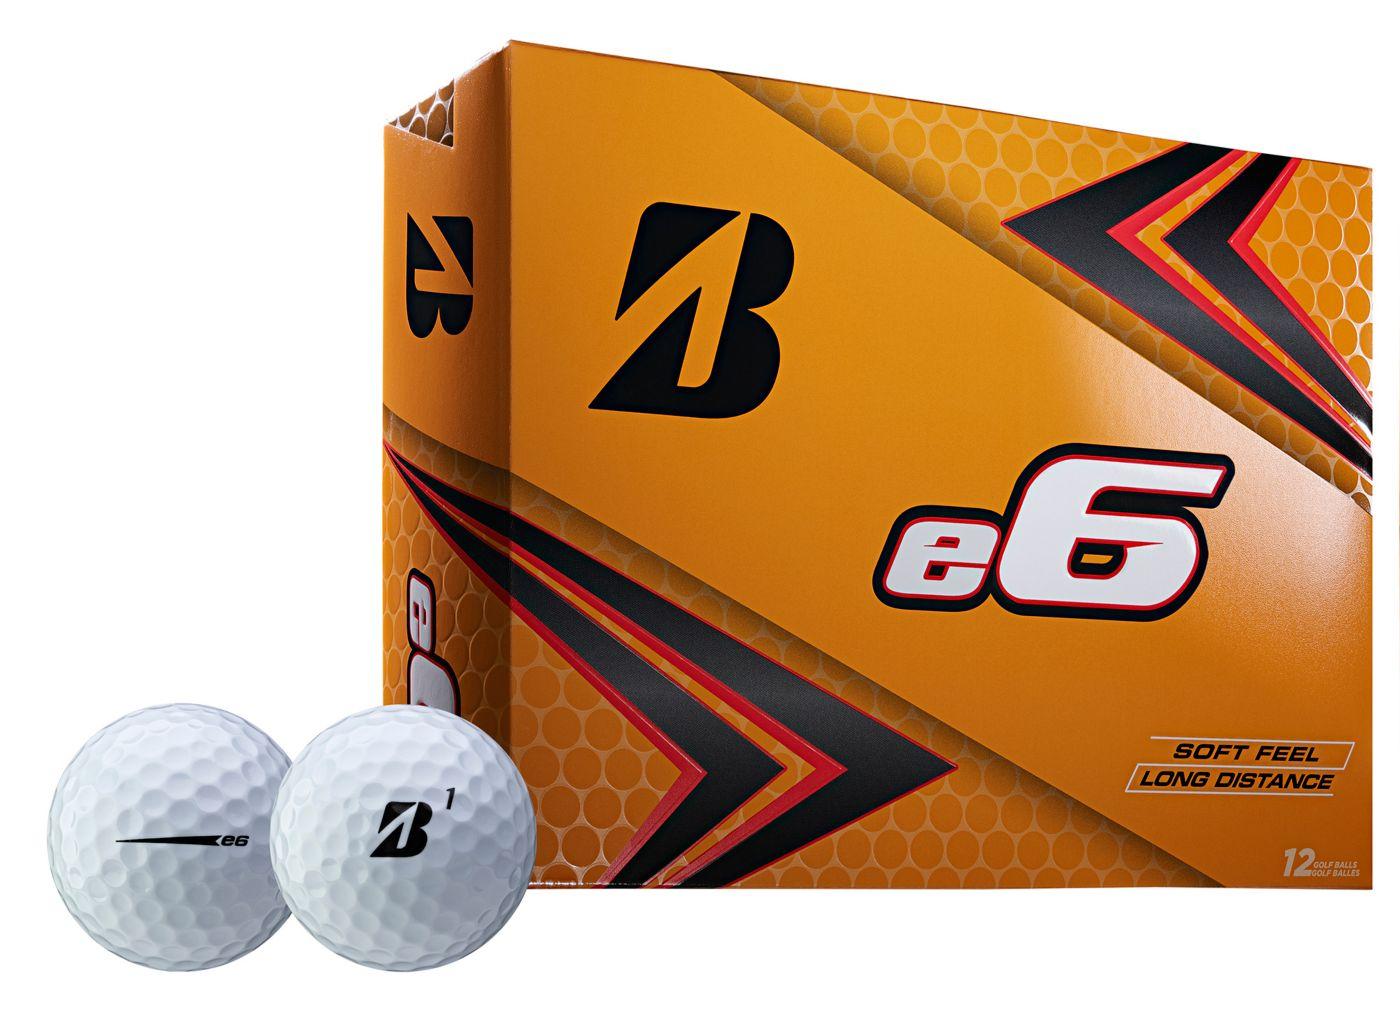 Bridgestone 2019 e6 Personalized Golf Balls